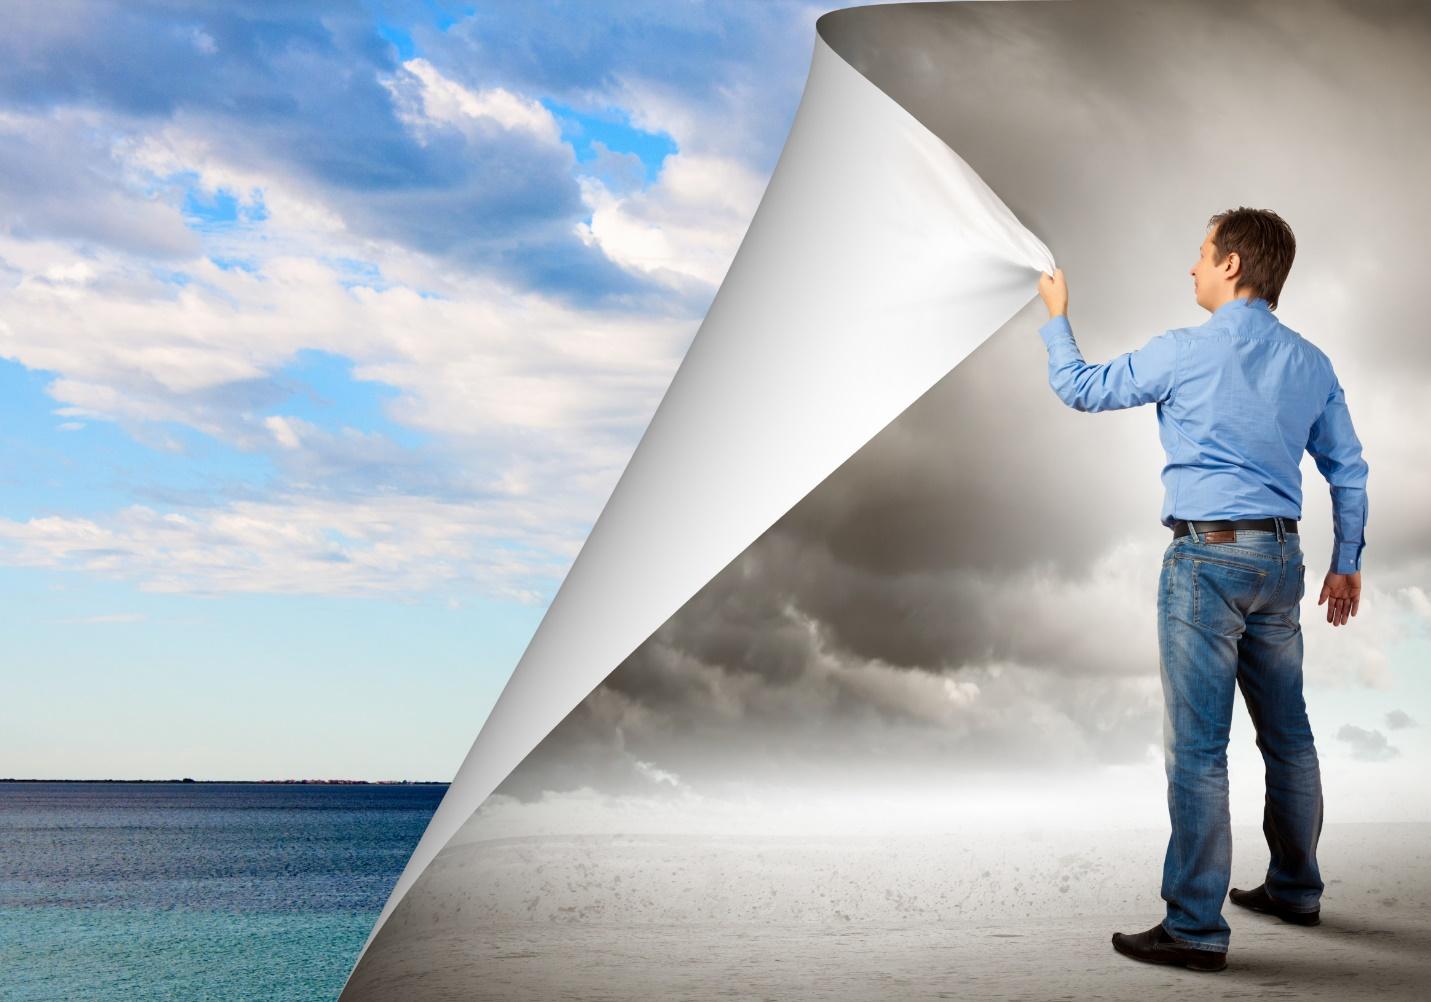 Вебинар: Страх изменений. Откуда берется и что с ним делать